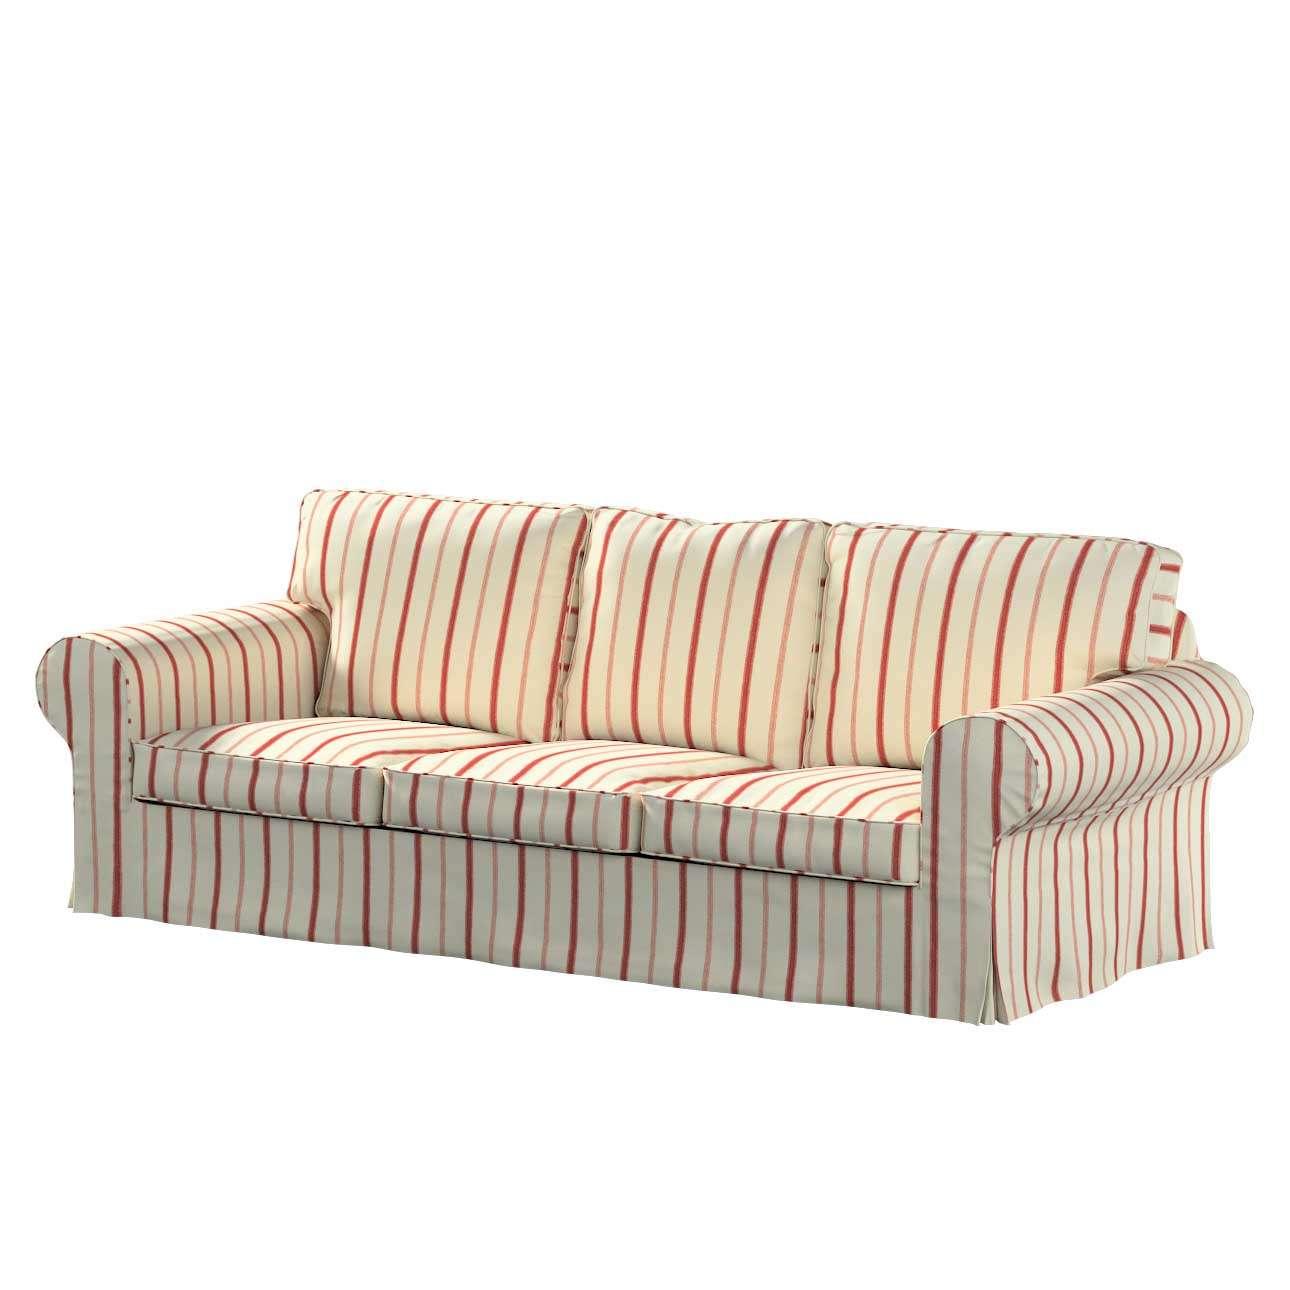 Ektorp trivietės sofos-lovos užvalkalas Ektorp trivietė sofa-lova kolekcijoje Avinon, audinys: 129-15